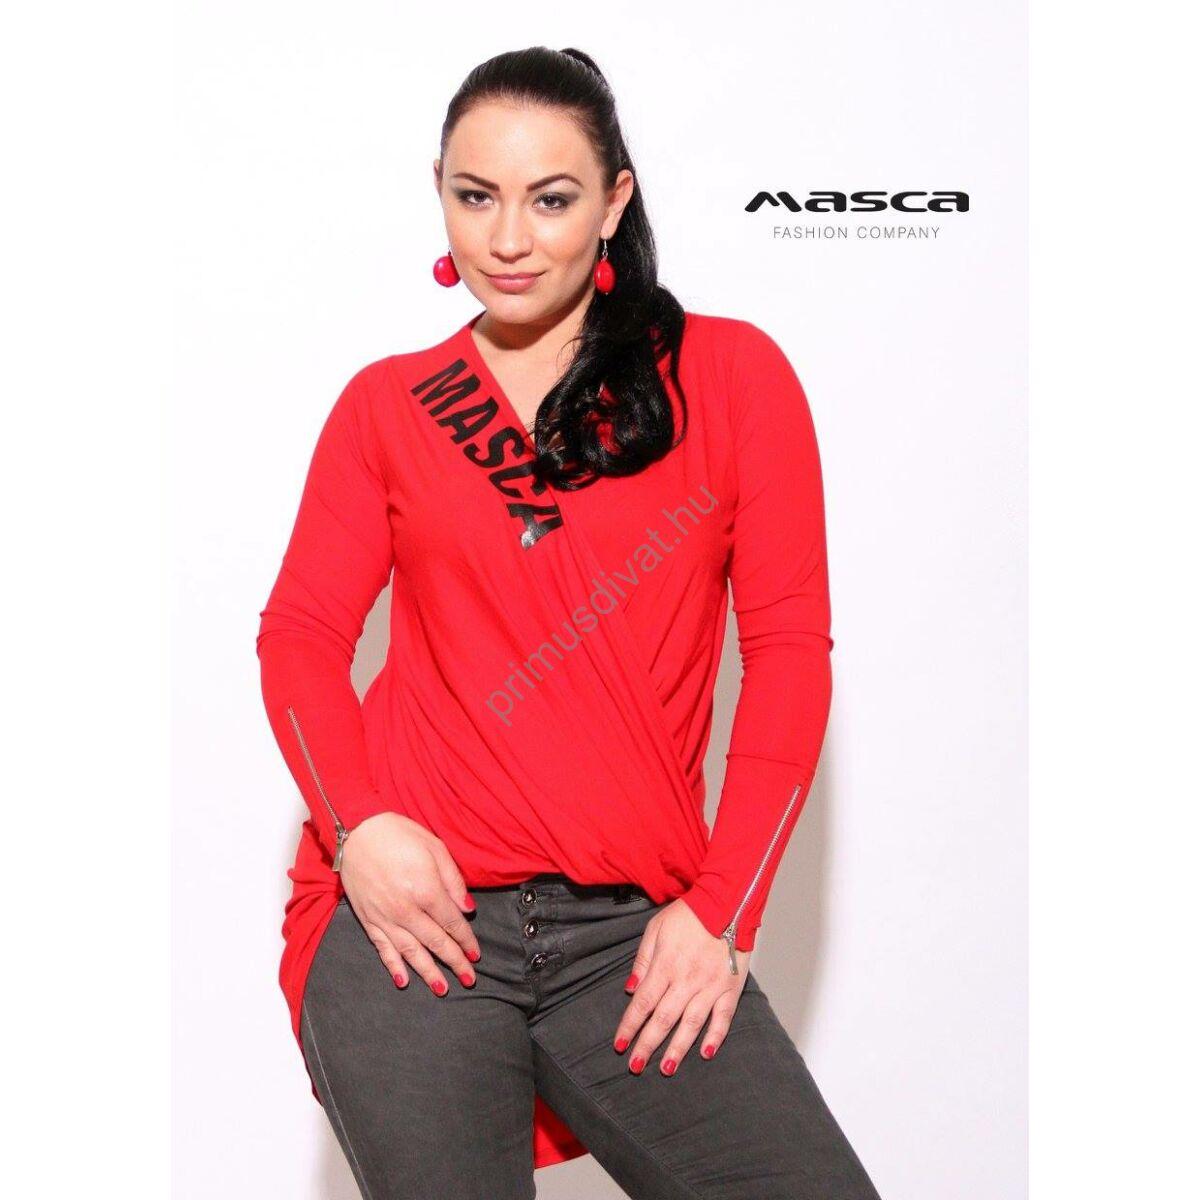 Kép 1 1 - Masca Fashion csavartan átlapolt elejű hosszú ujjú piros felső b9e3a8a0f5